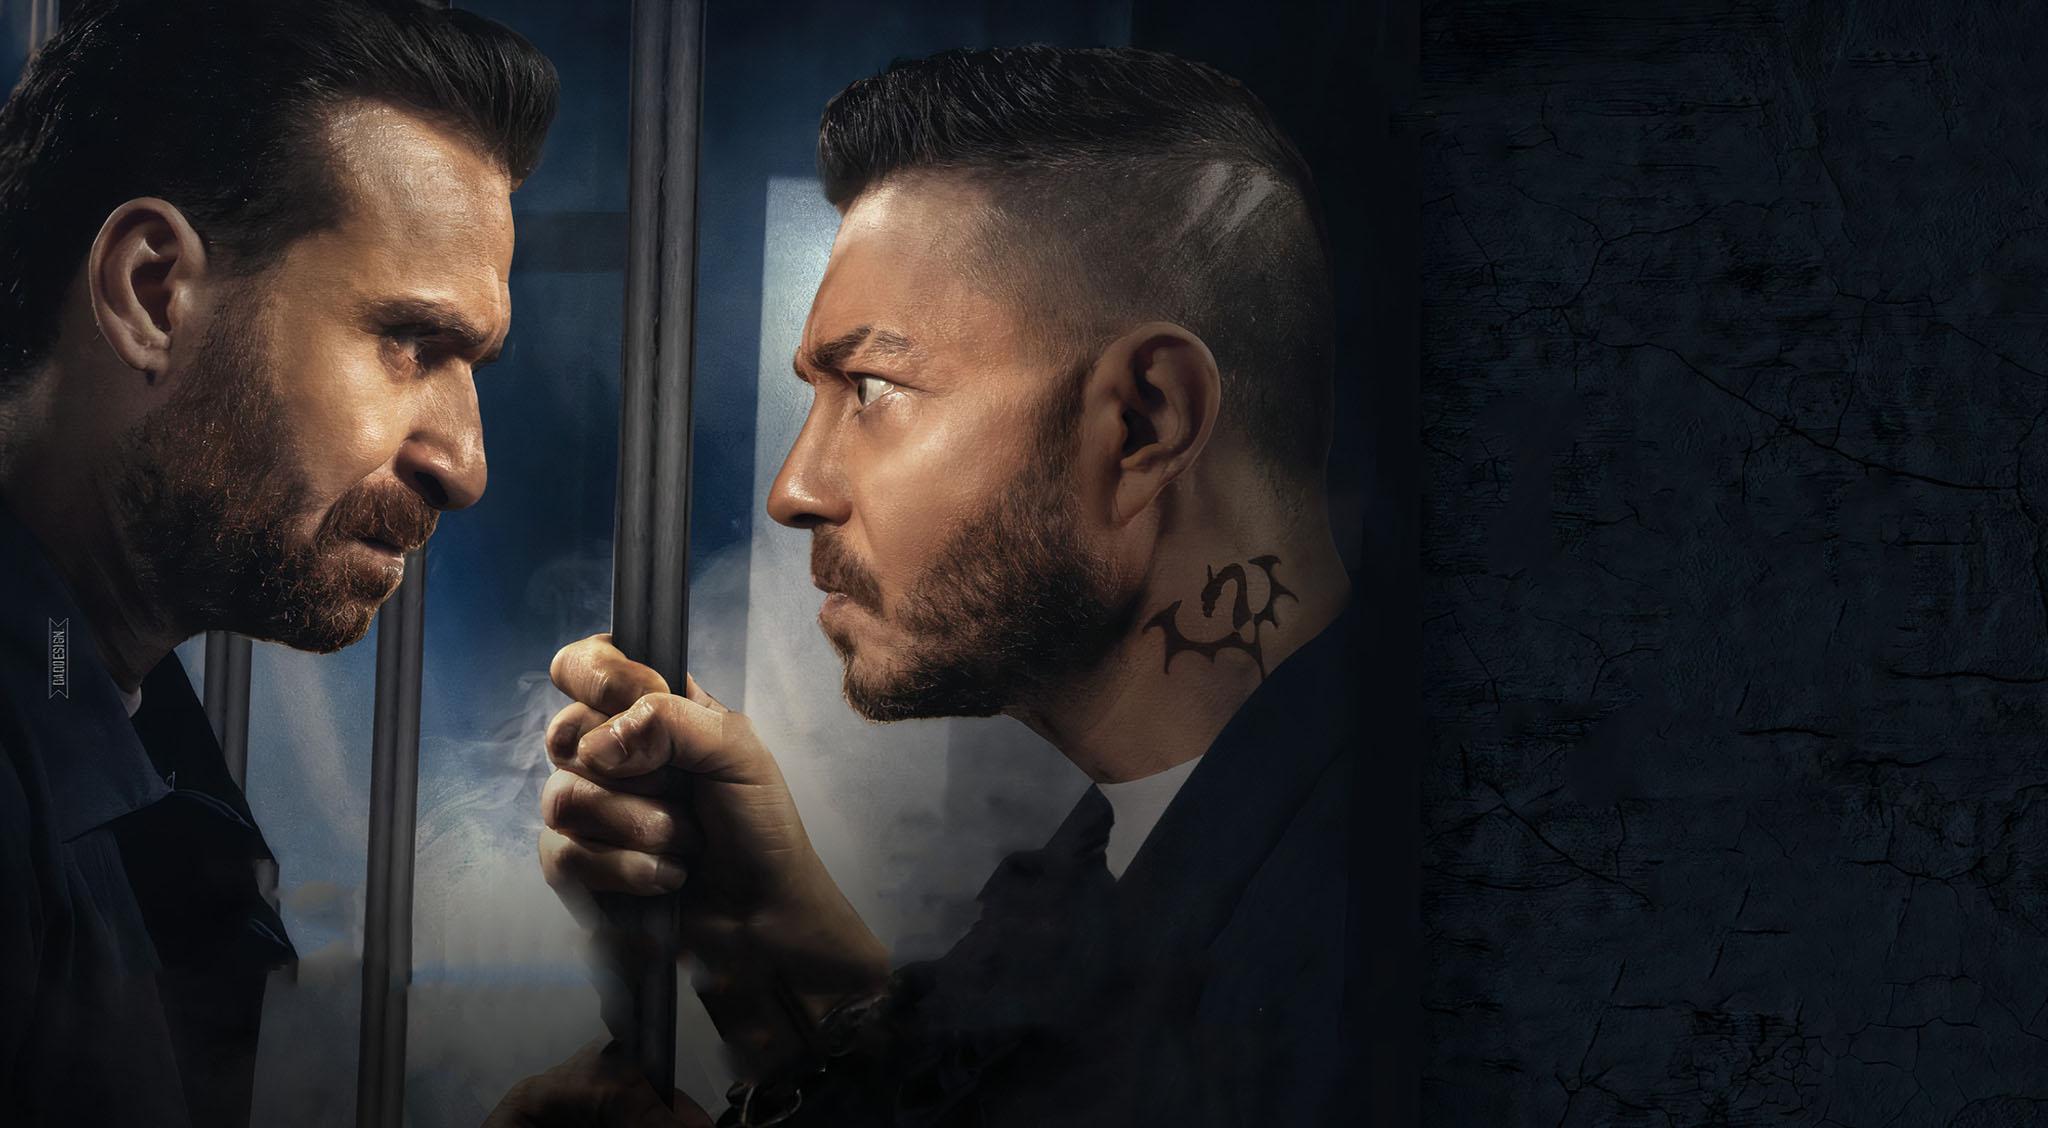 فيلم زنزانة 7 2020